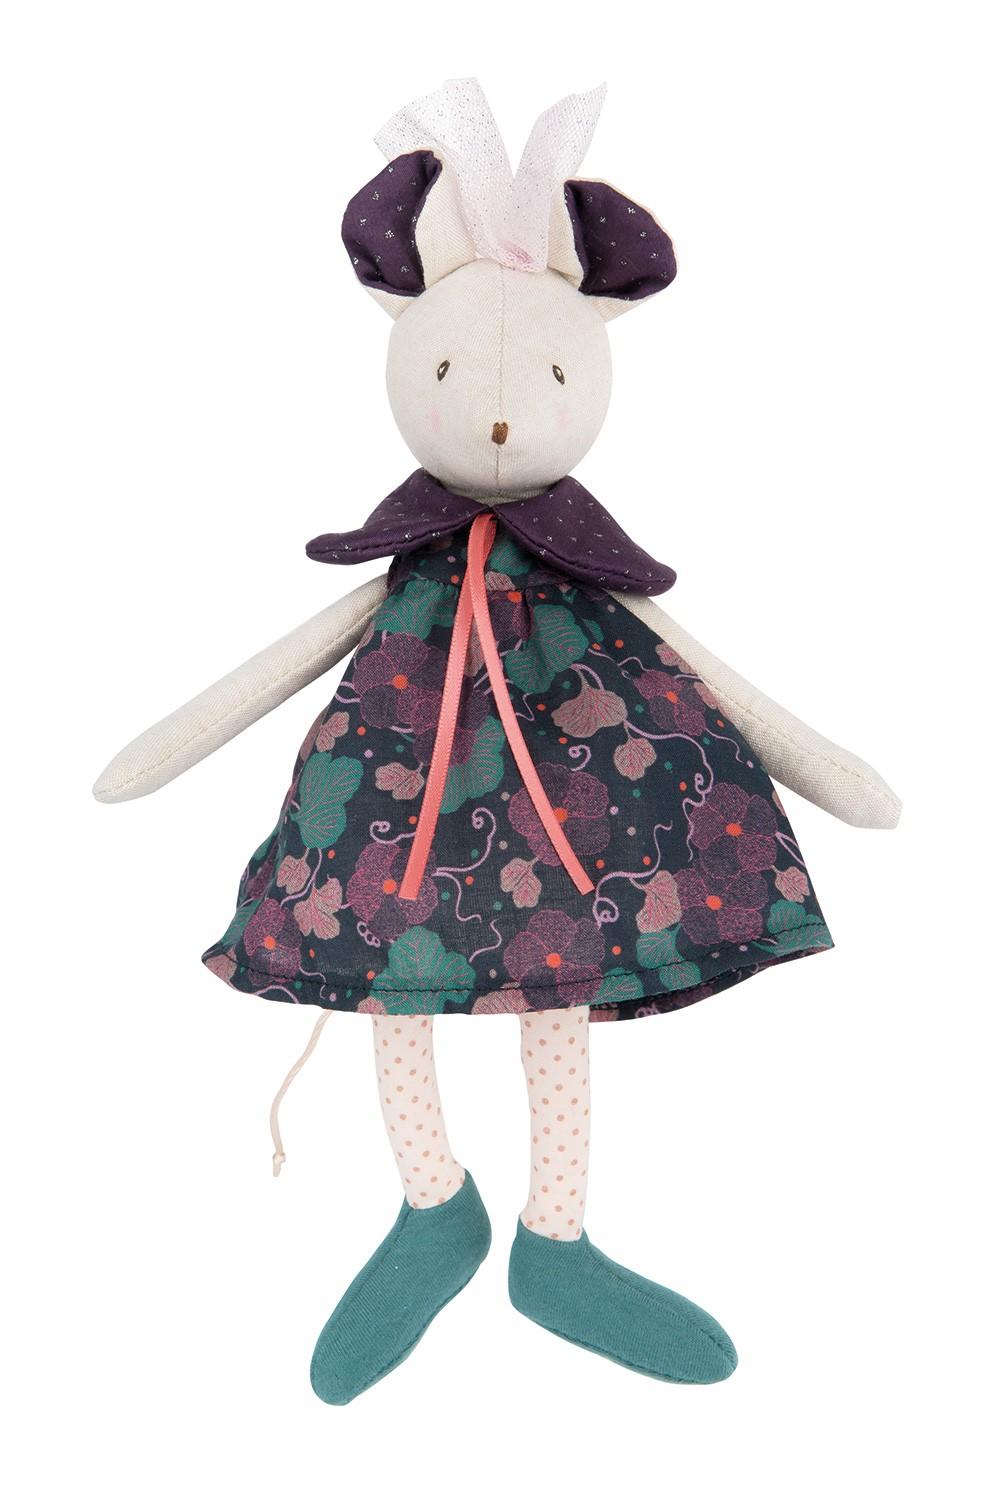 Мягкая игрушка – мышка Сиси, 24 см., Moulin Roty  - купить со скидкой